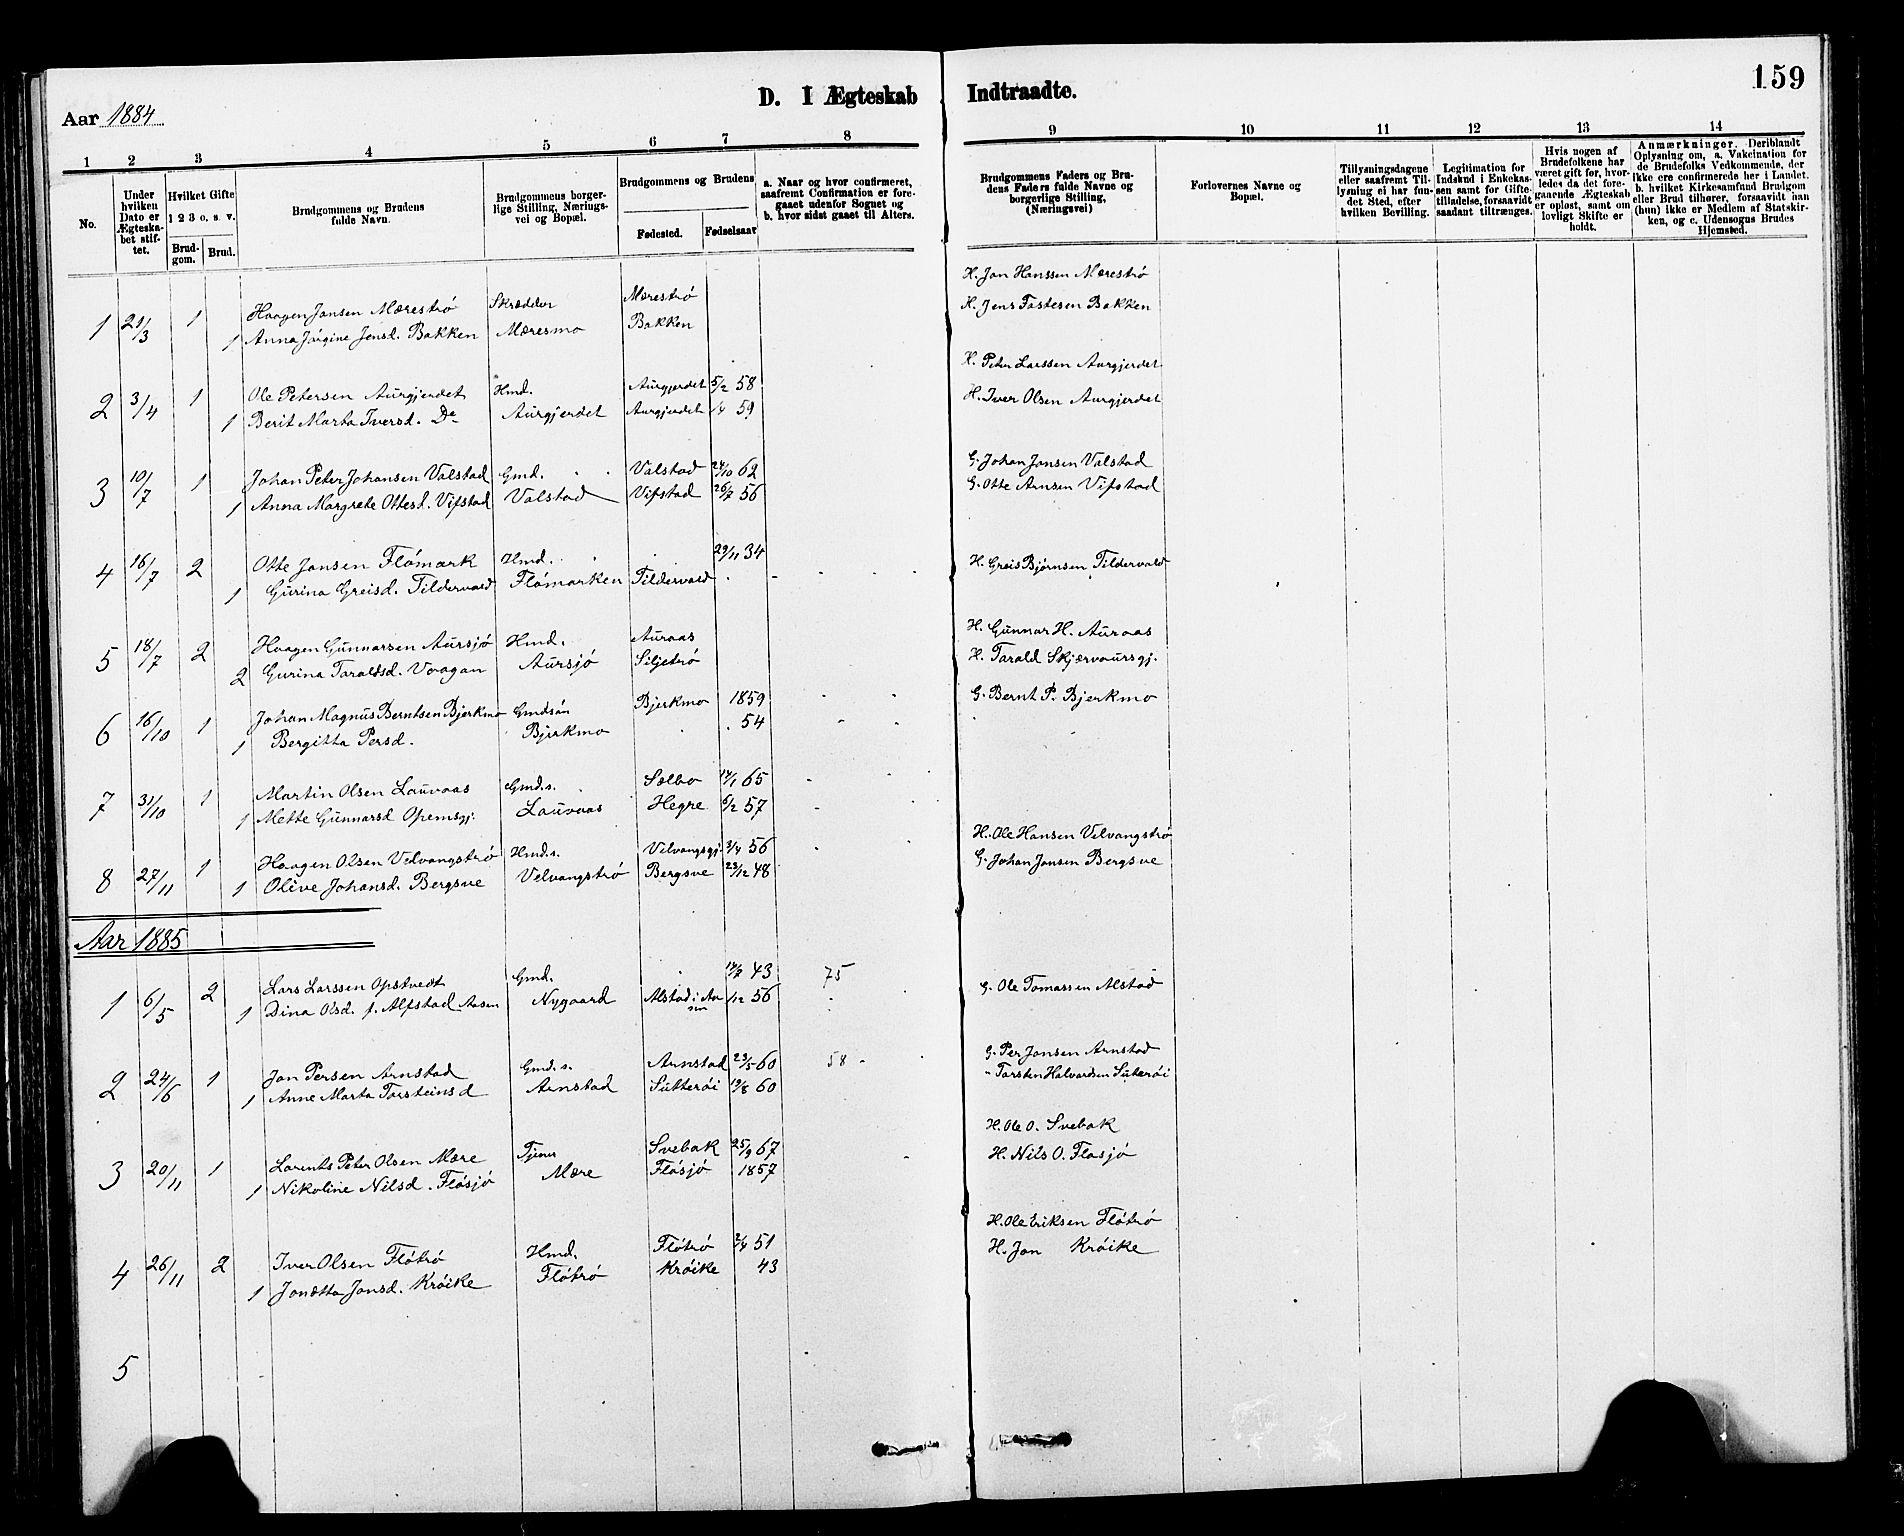 SAT, Ministerialprotokoller, klokkerbøker og fødselsregistre - Nord-Trøndelag, 712/L0103: Klokkerbok nr. 712C01, 1878-1917, s. 159